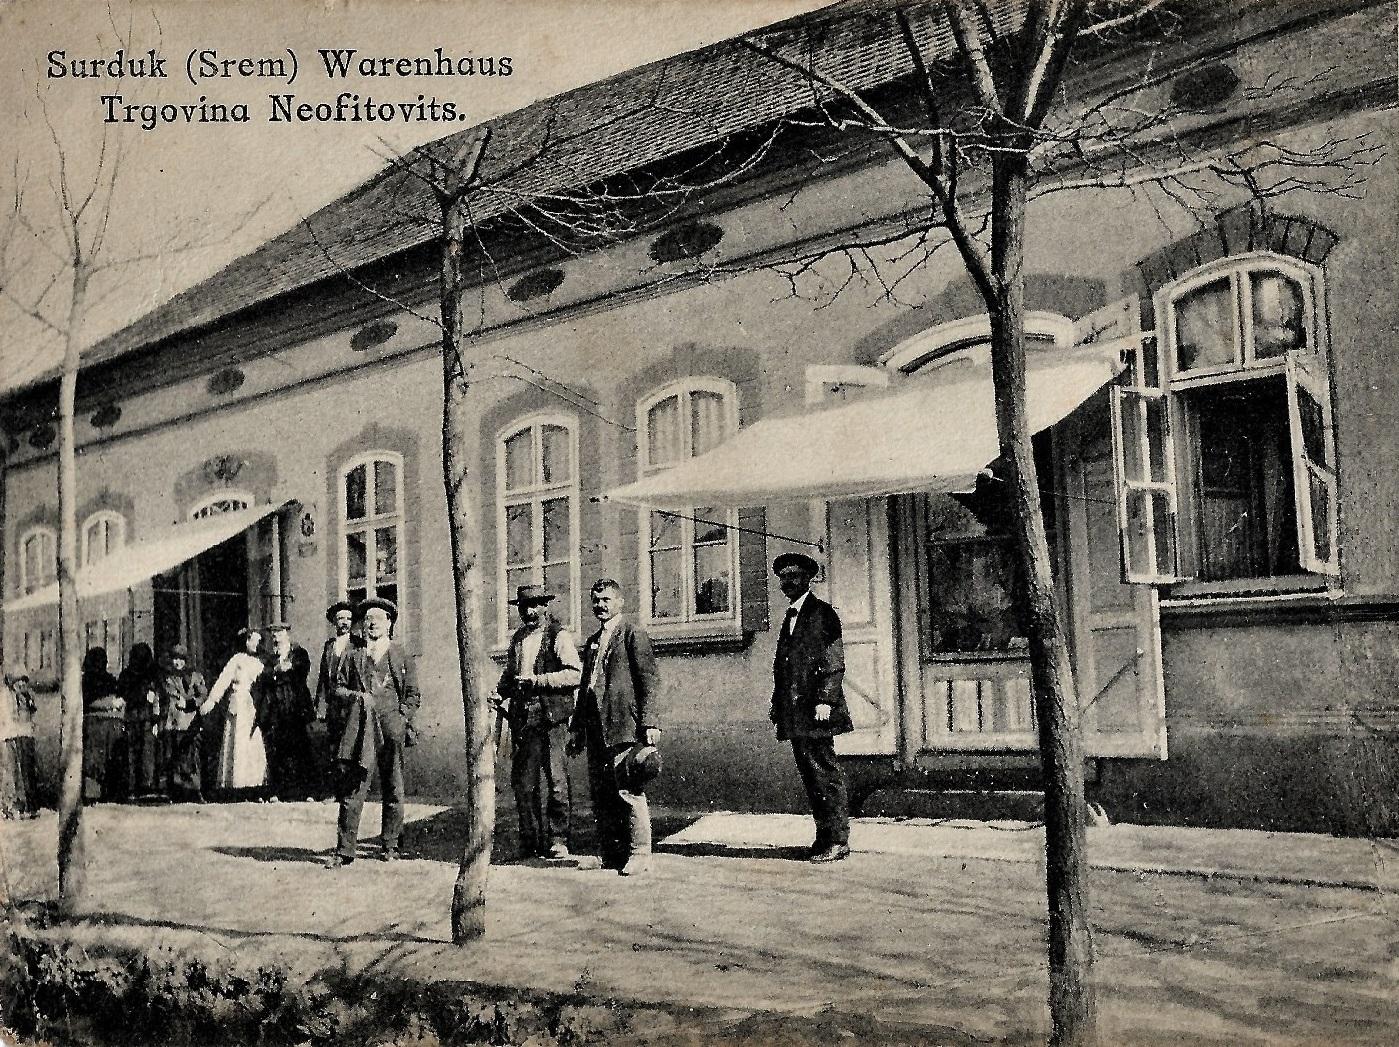 Trgovina-Neofitović, početak 20. veka, Surduk